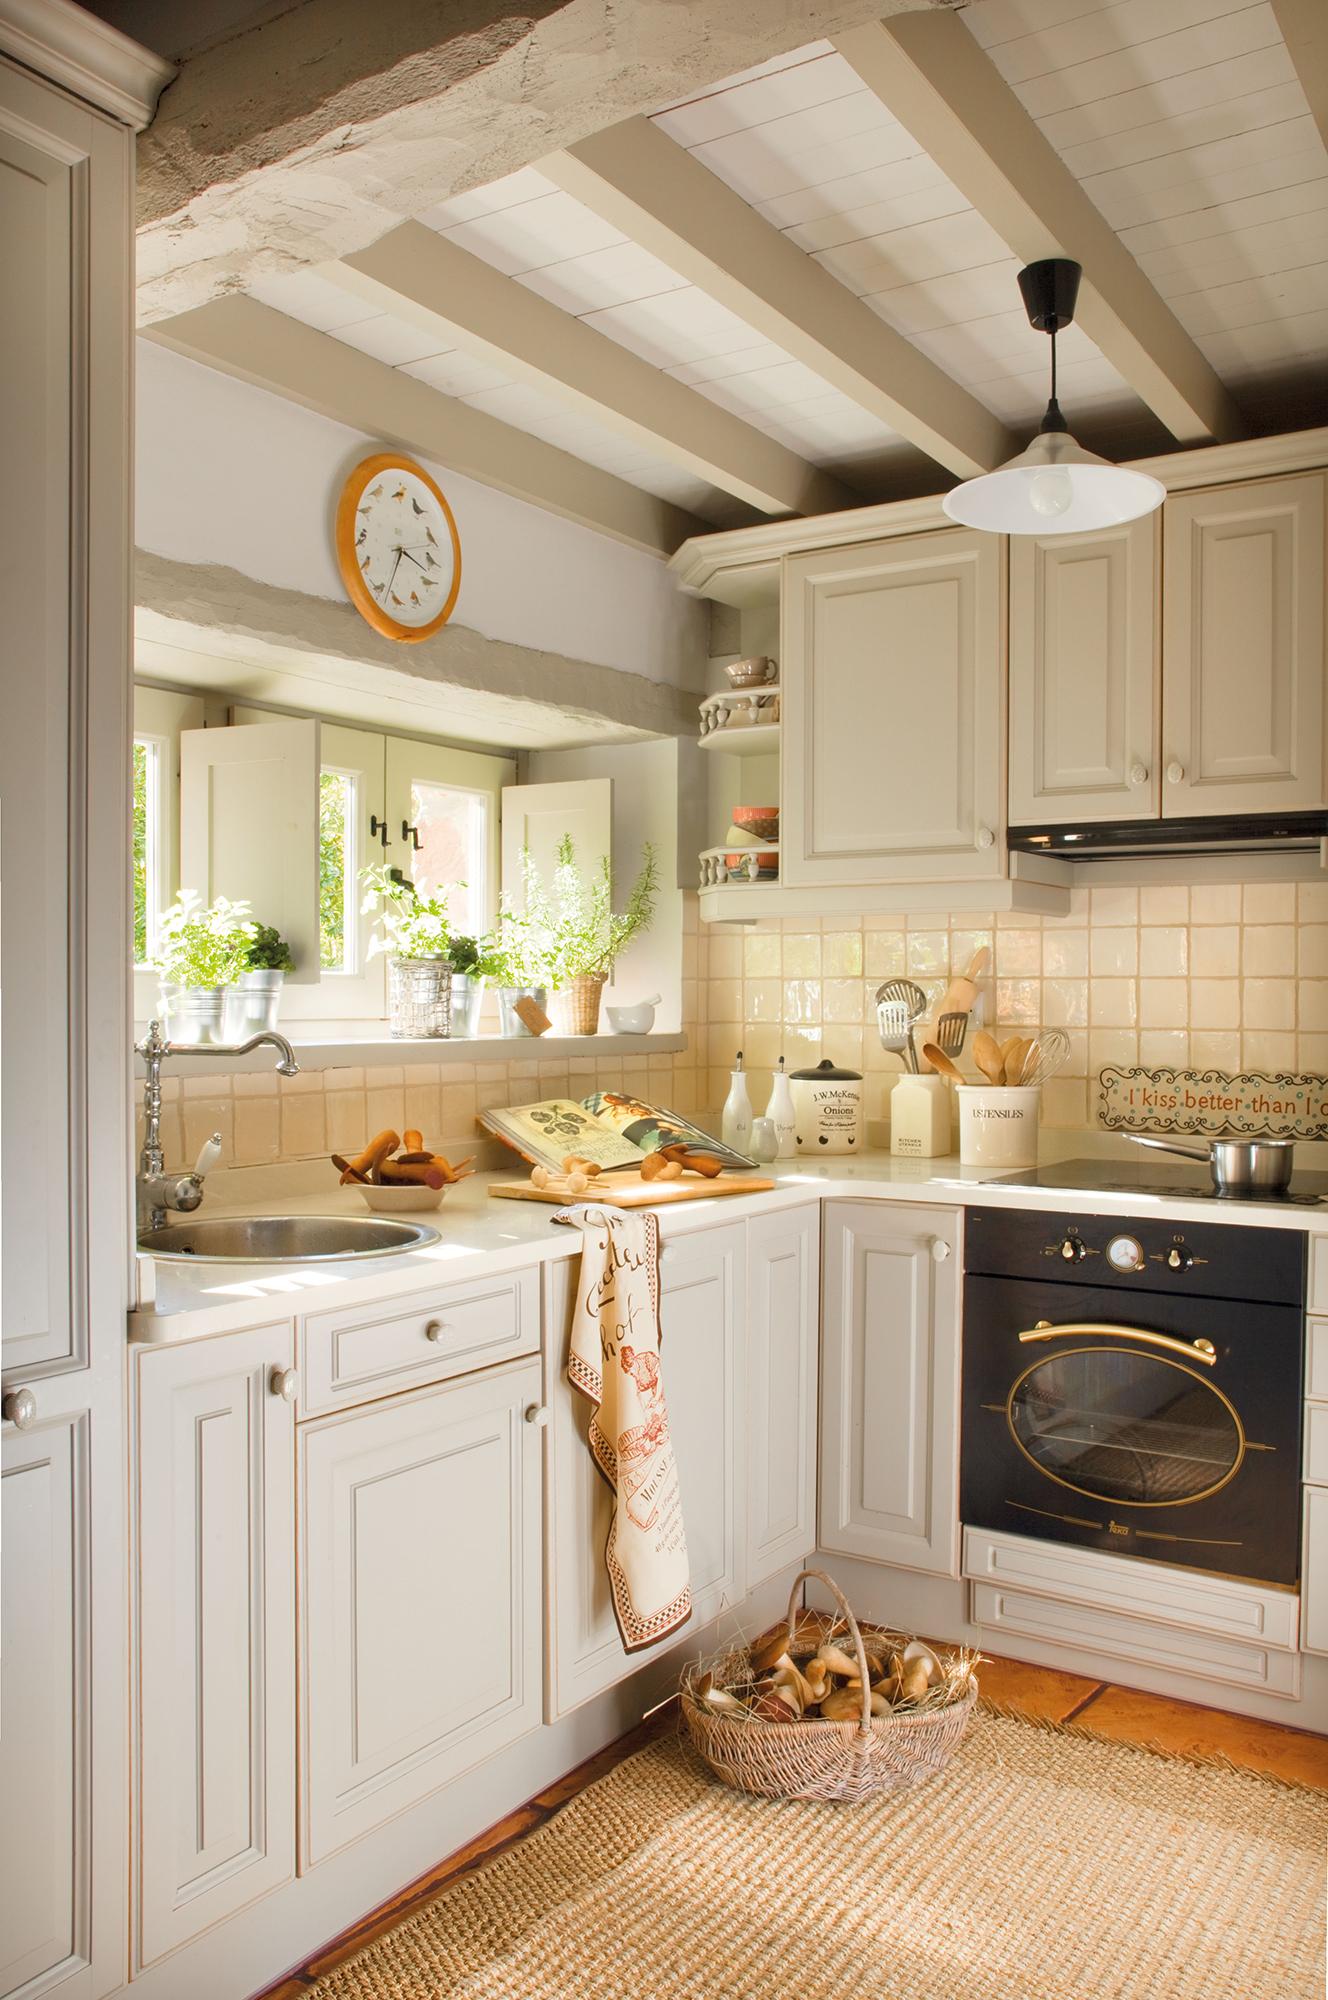 Cocinas peque as distribuidas en l - Cocinas pequenas en l ...